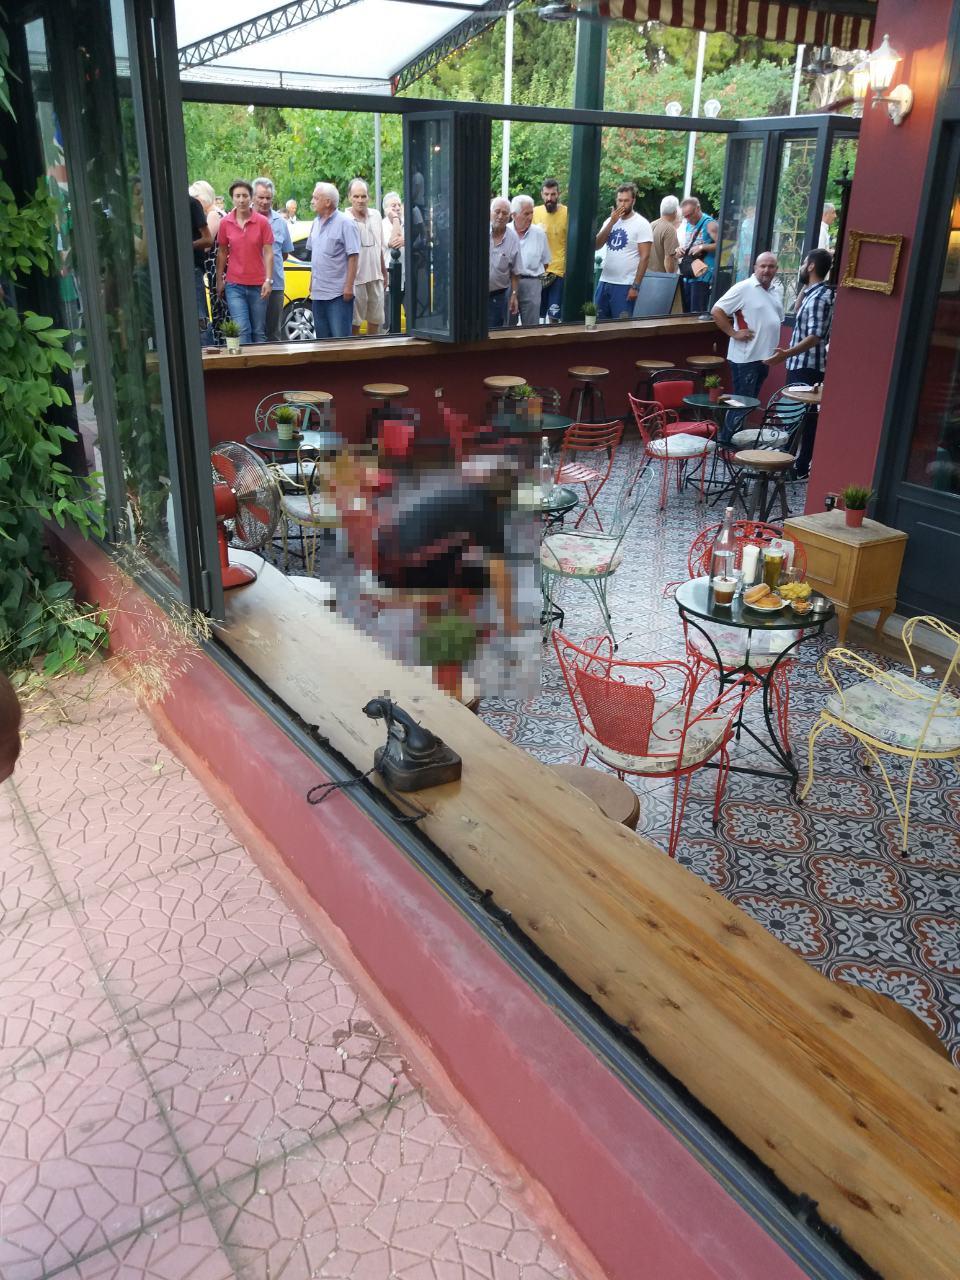 Το θύμα μέσα στην καφετέρια στο Περιστέρι